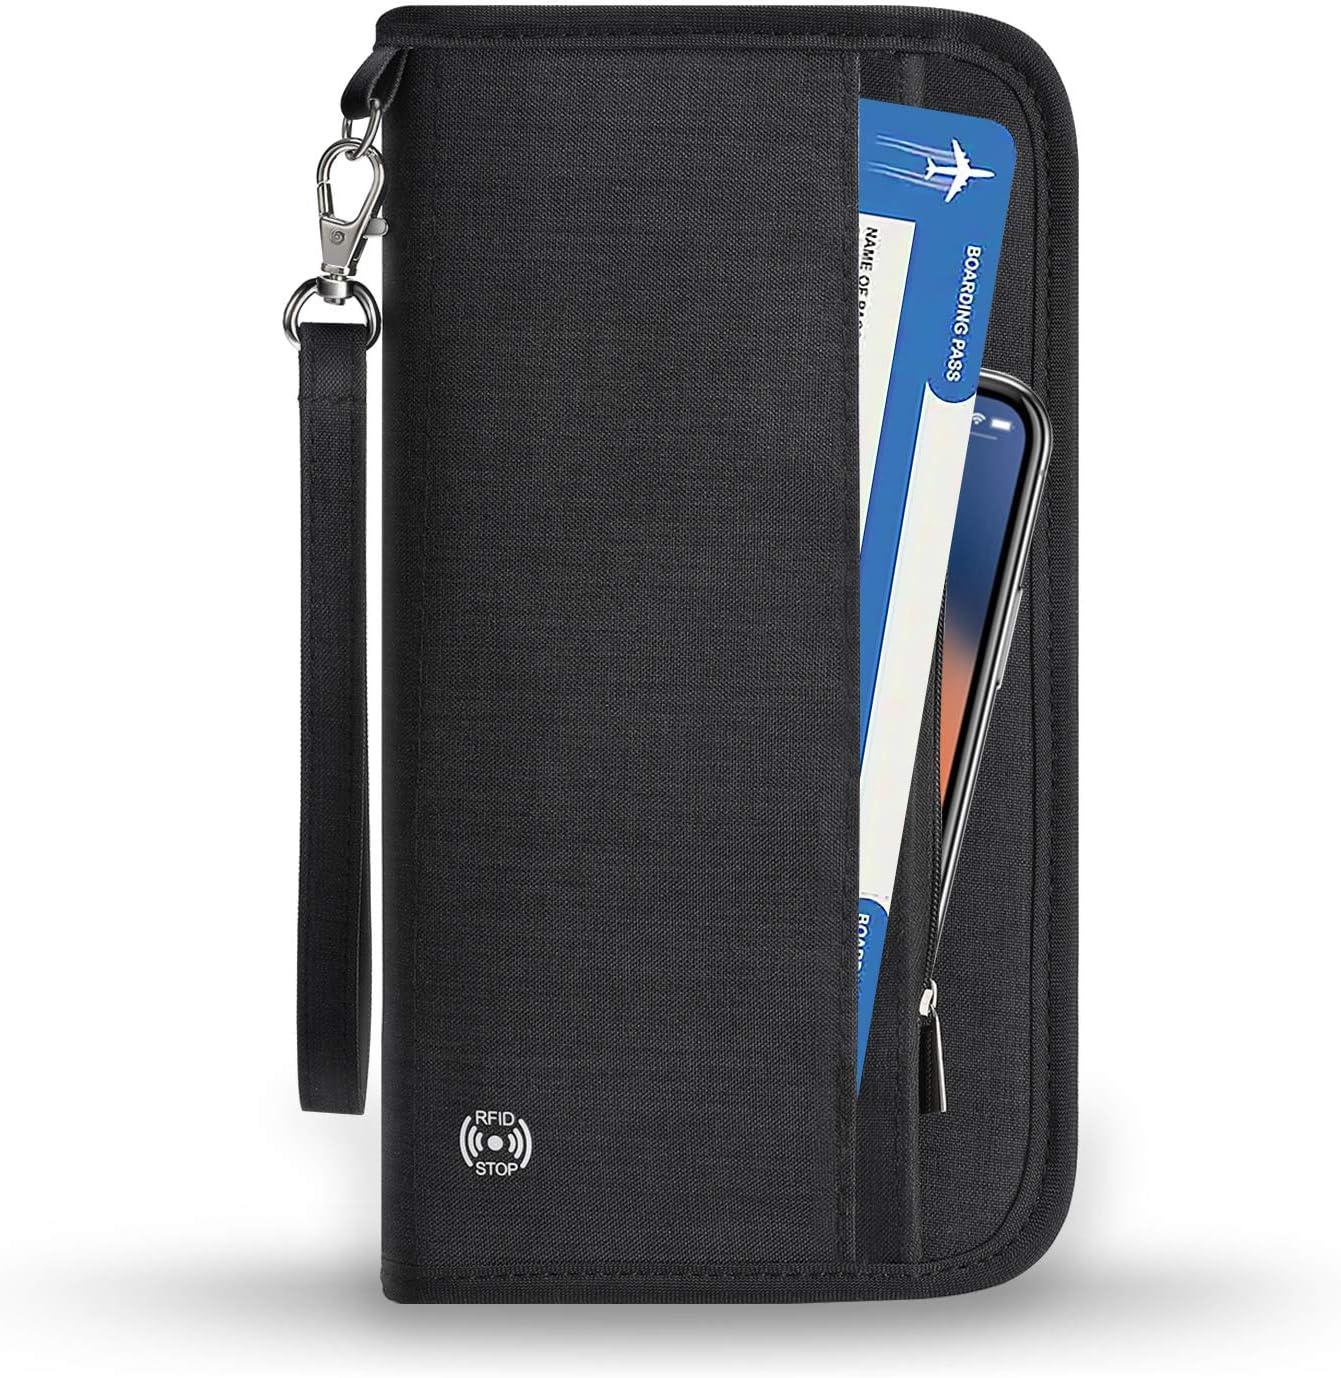 New Travel Passport Holder Case Cover PU ID Card Ticket Organizer Case WE